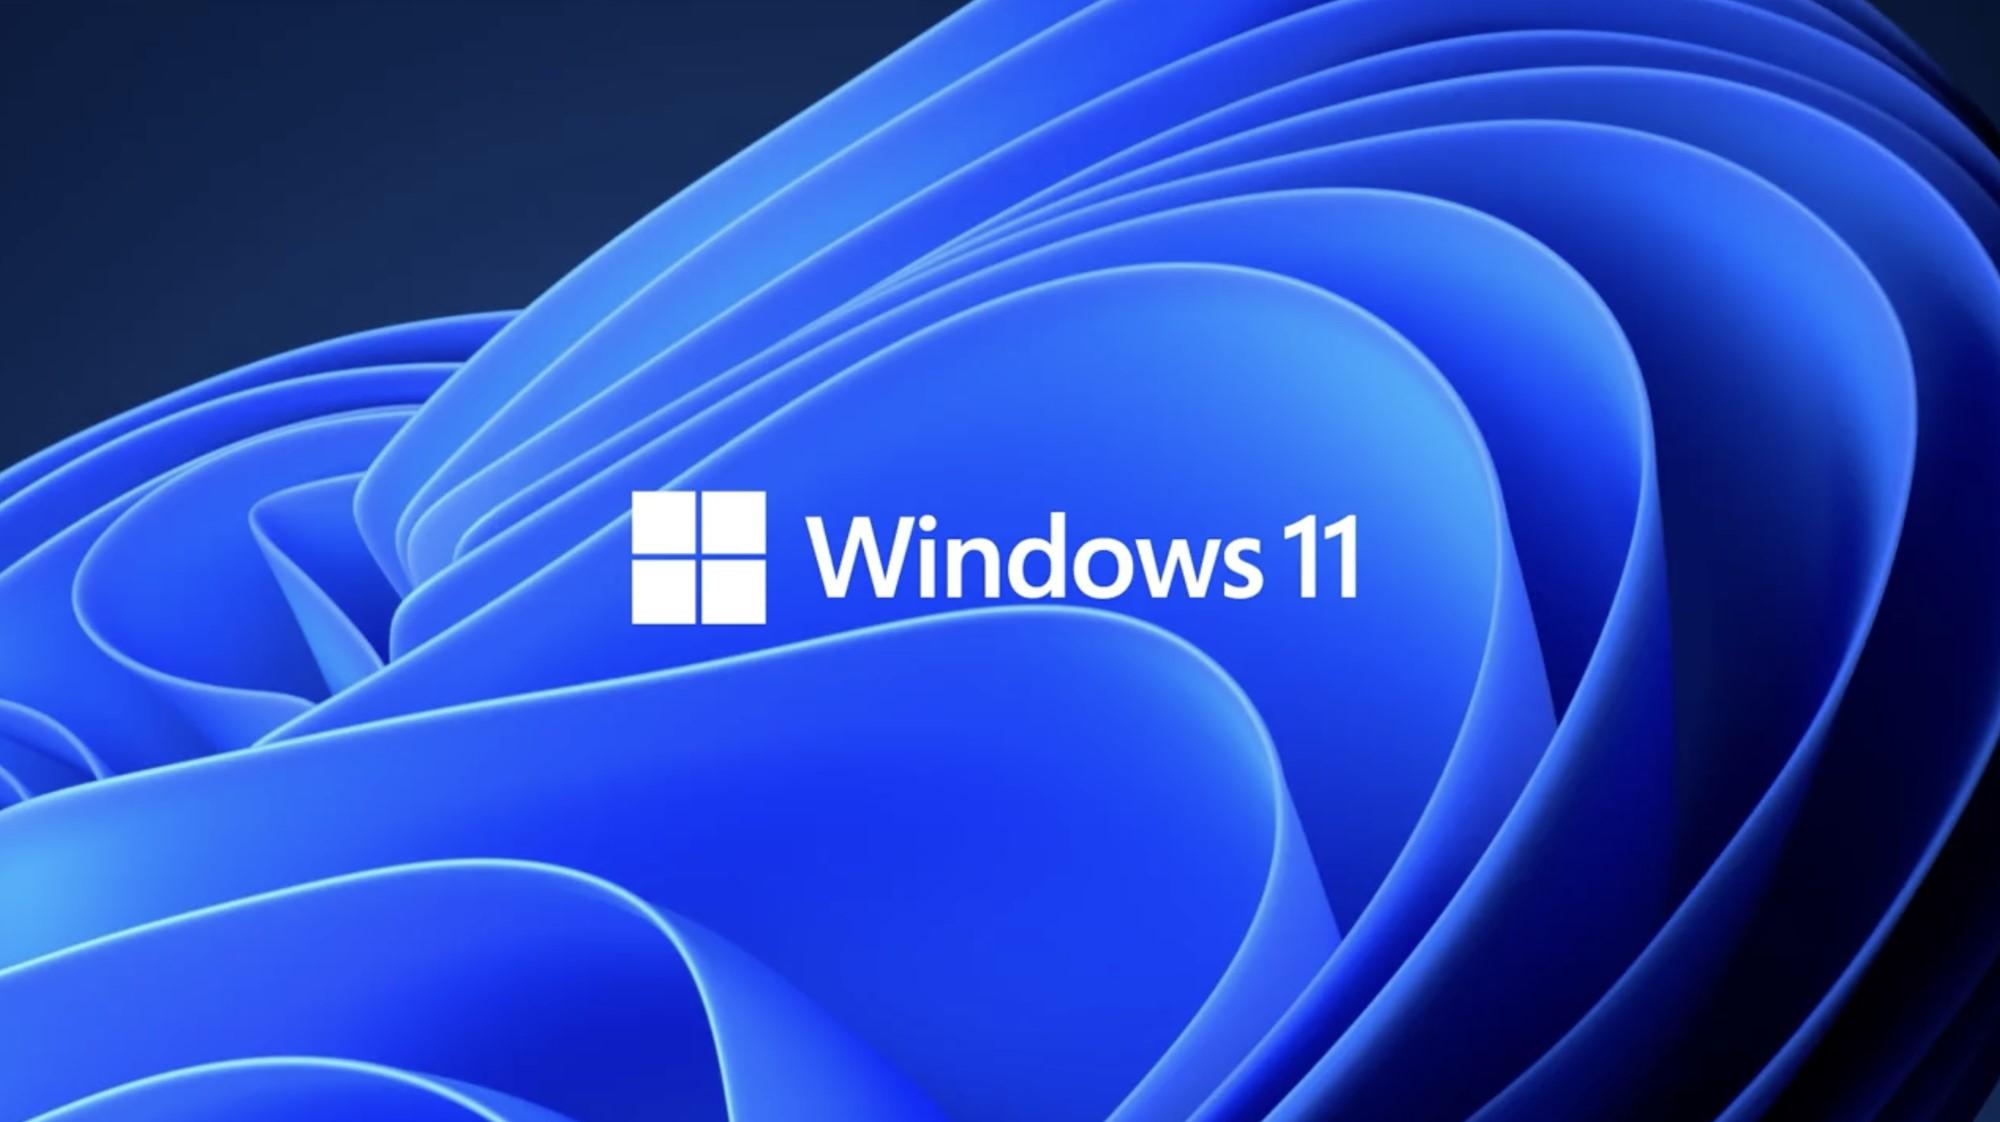 معرفی ویندوز 11 (Windows 11)